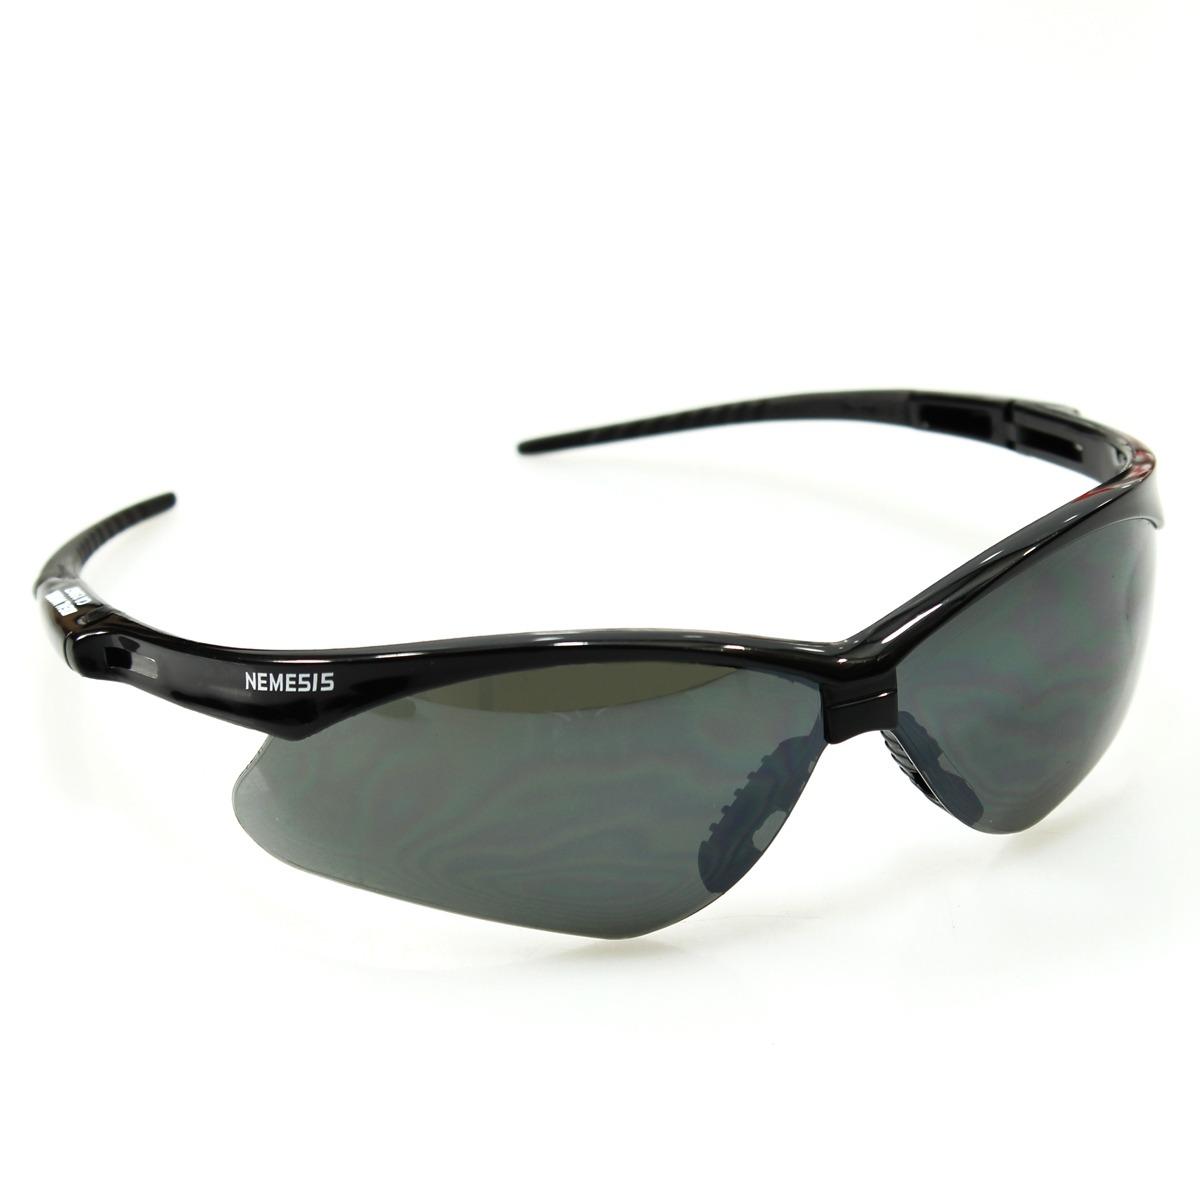 fb5568664ff3d Óculos De Proteção Nemesis Lente Fumê 41756 - R  47,00 em Mercado Livre